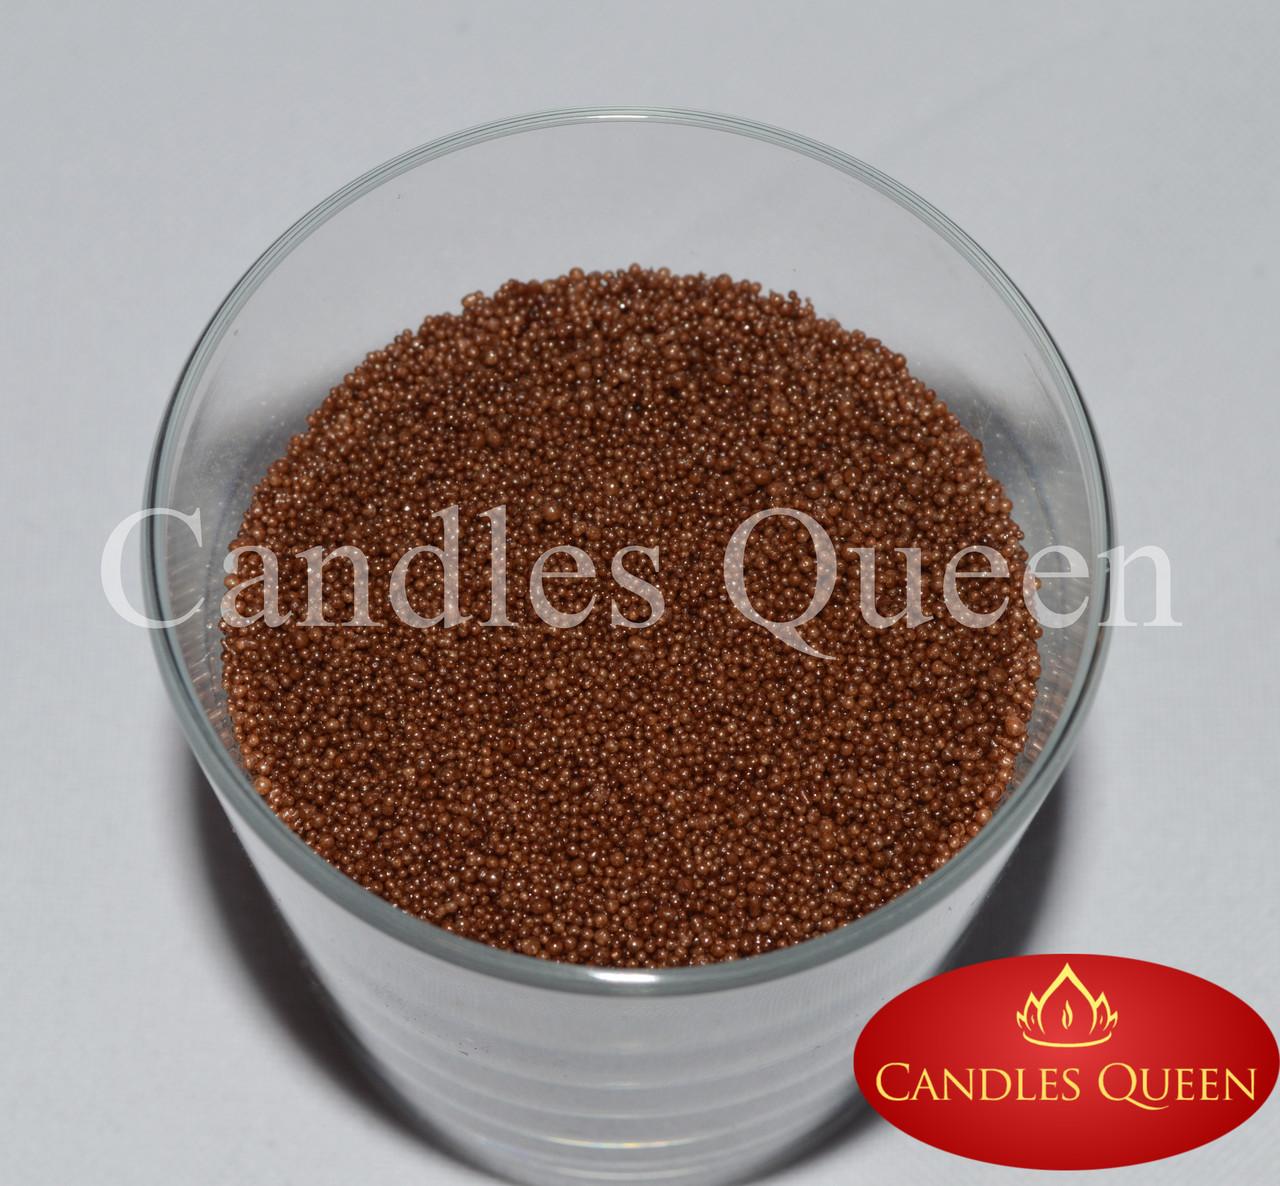 Стеарин цвет молочный шоколад 1 кг. Для насыпных свечей и литых